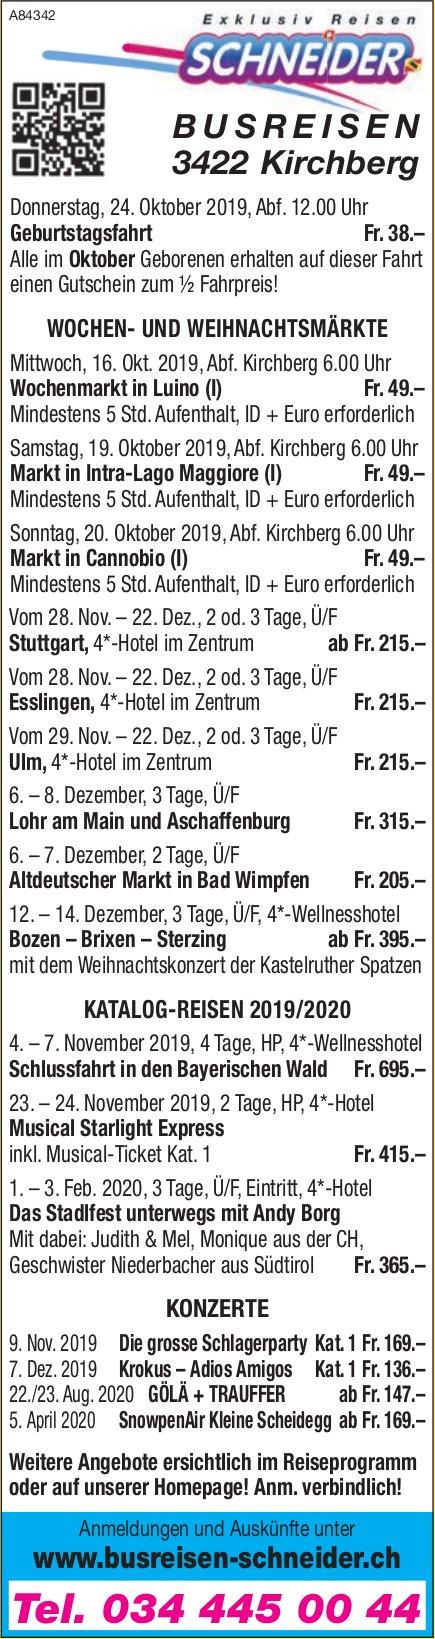 Busreisen Schneider - Programm & Events